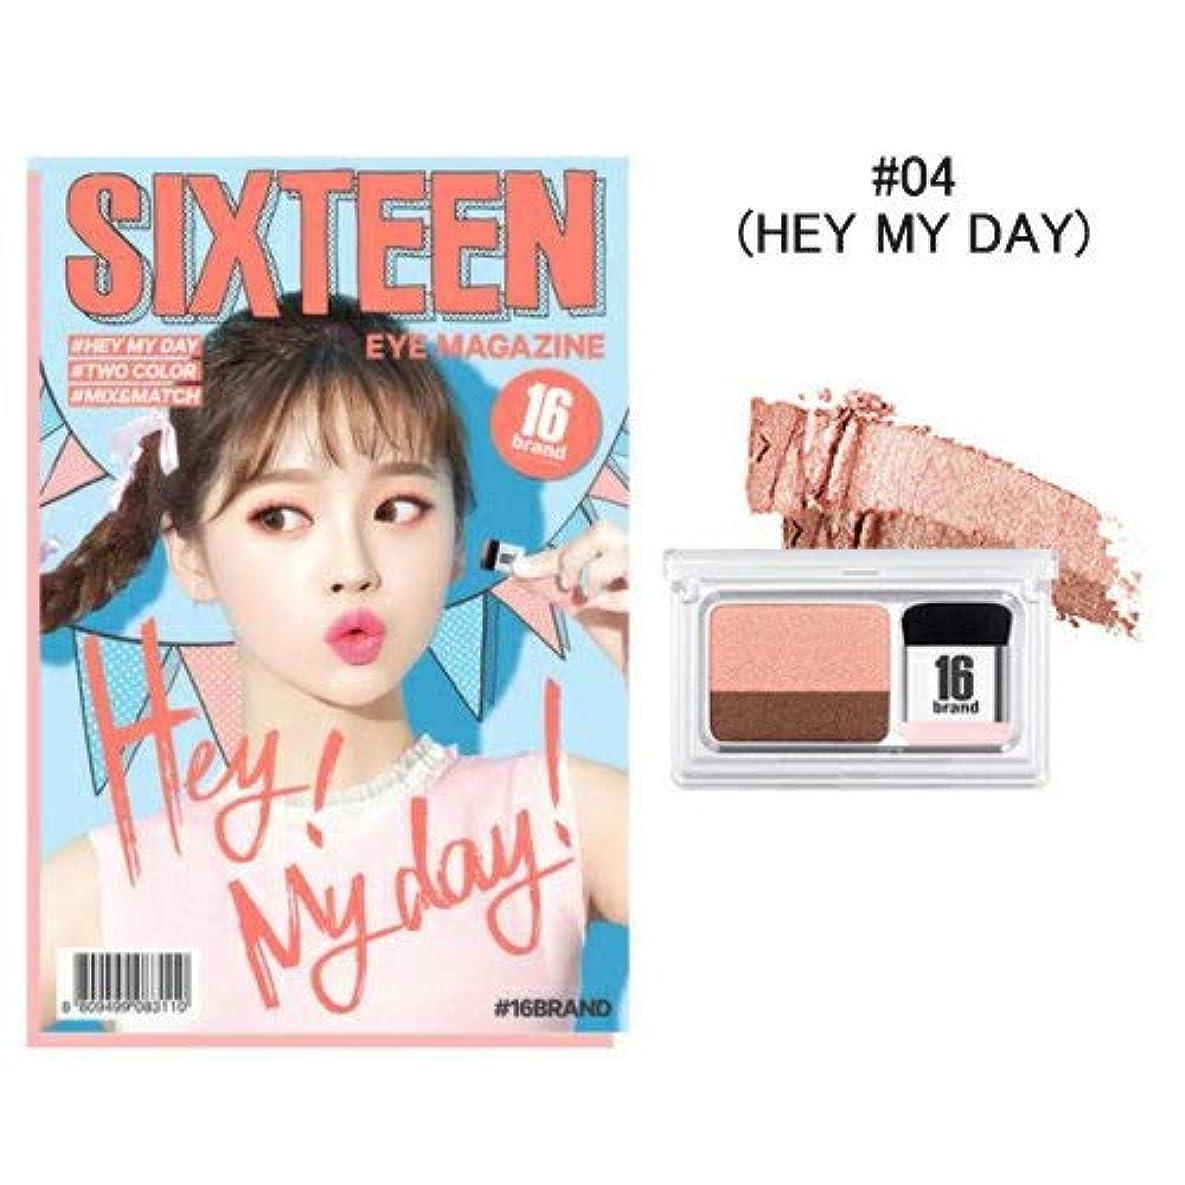 秀でる経済的意味する[New Color] 16brand Sixteen Eye Magazine 2g /16ブランド シックスティーン アイ マガジン 2g (#04 HEY MY DAY) [並行輸入品]